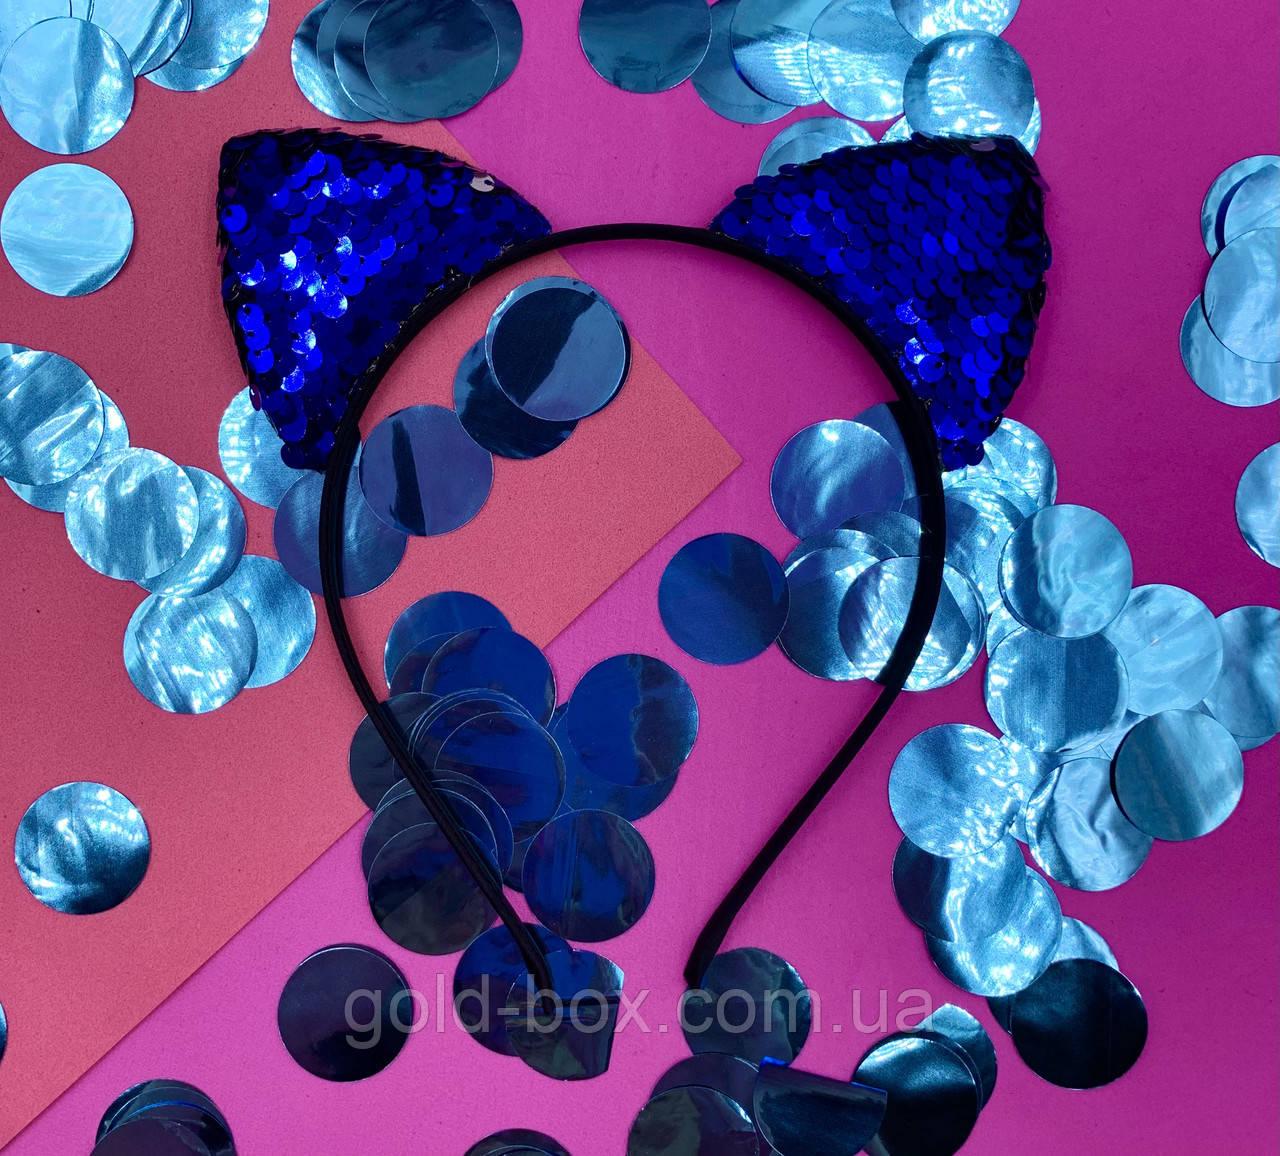 Ободок для волос с ушками из двухсторонних пайеток синий